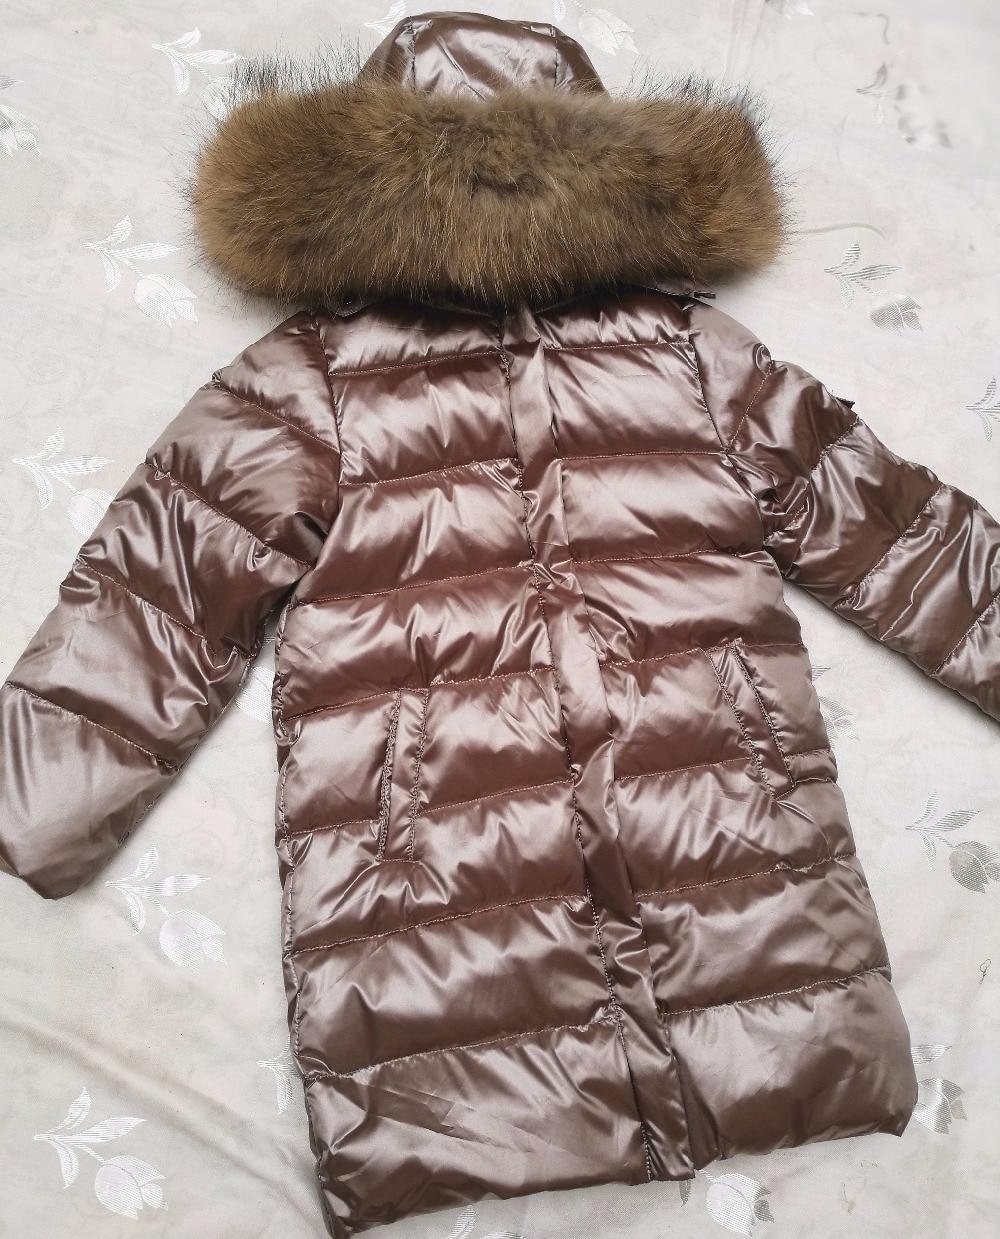 82fd909bce73b8 Kurtka zimowa dla dzieci dziewczyna parki płaszcz futro kaptur zimowe  puchówki dzieci z kapturem dół płaszcze dzieci grube ciepłe kołnierz z  prawdziwego ...